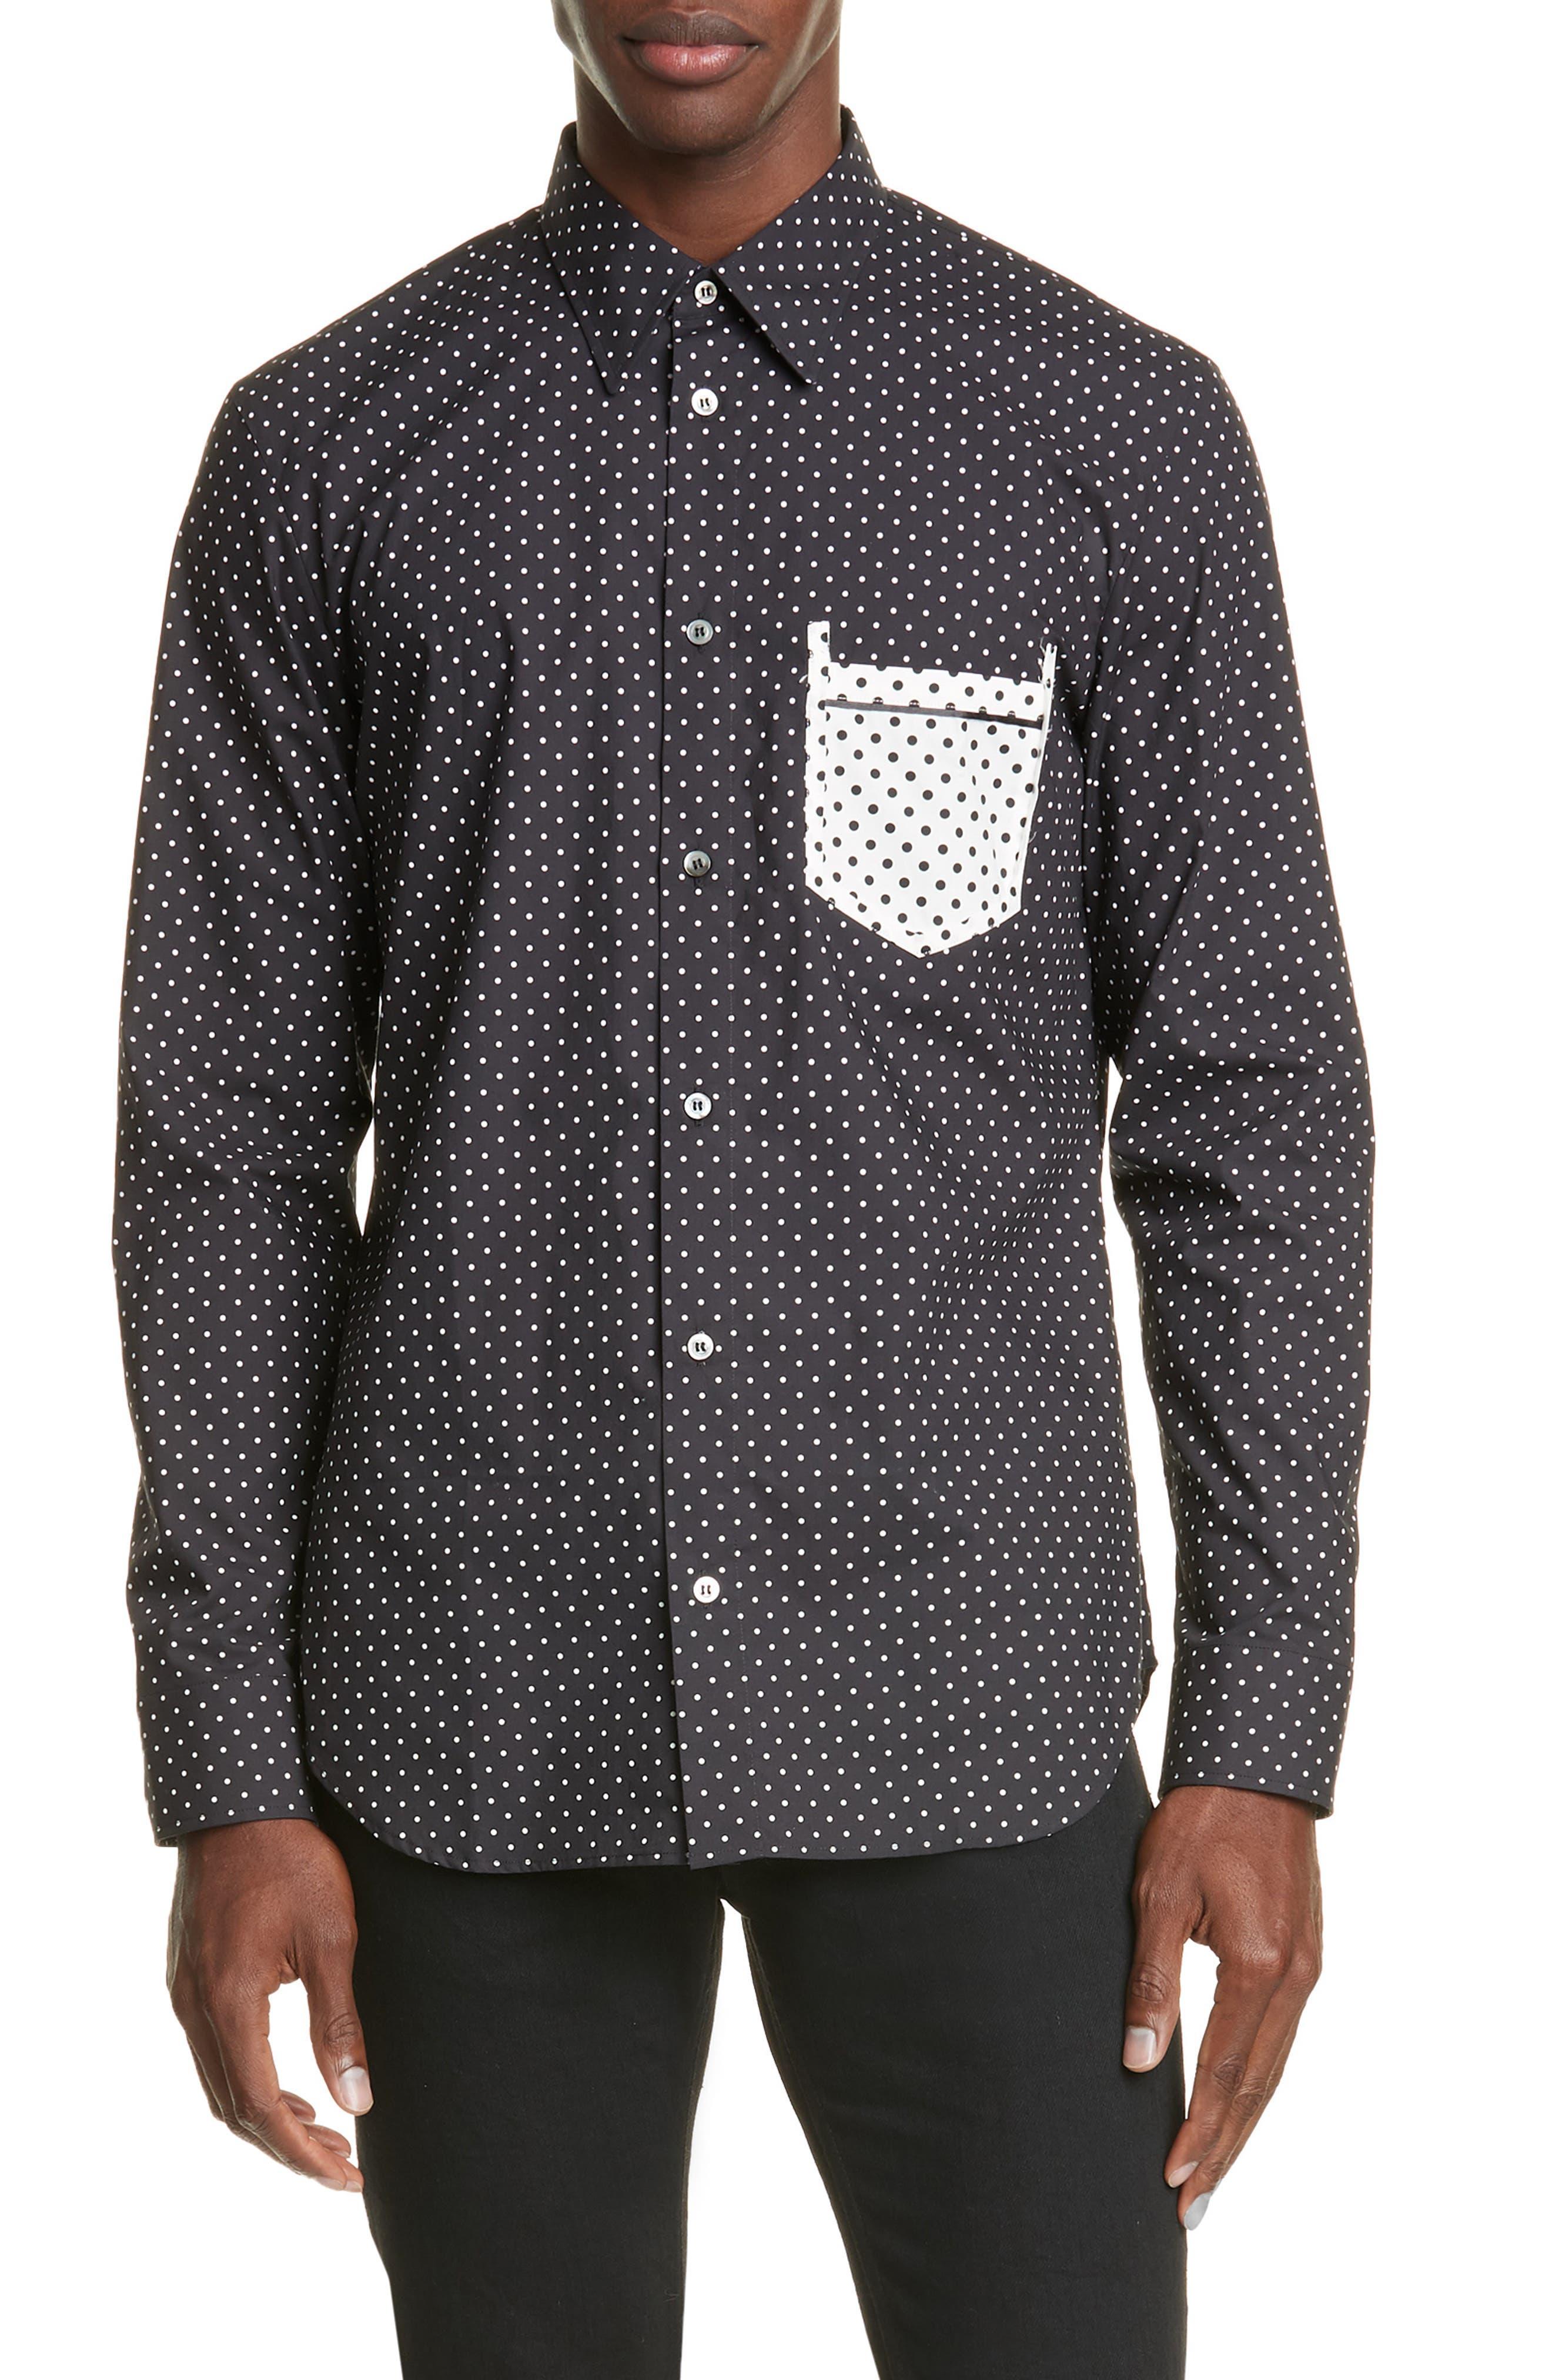 Maison Margiela T-shirts Micro Polka Dot Button-Up Shirt